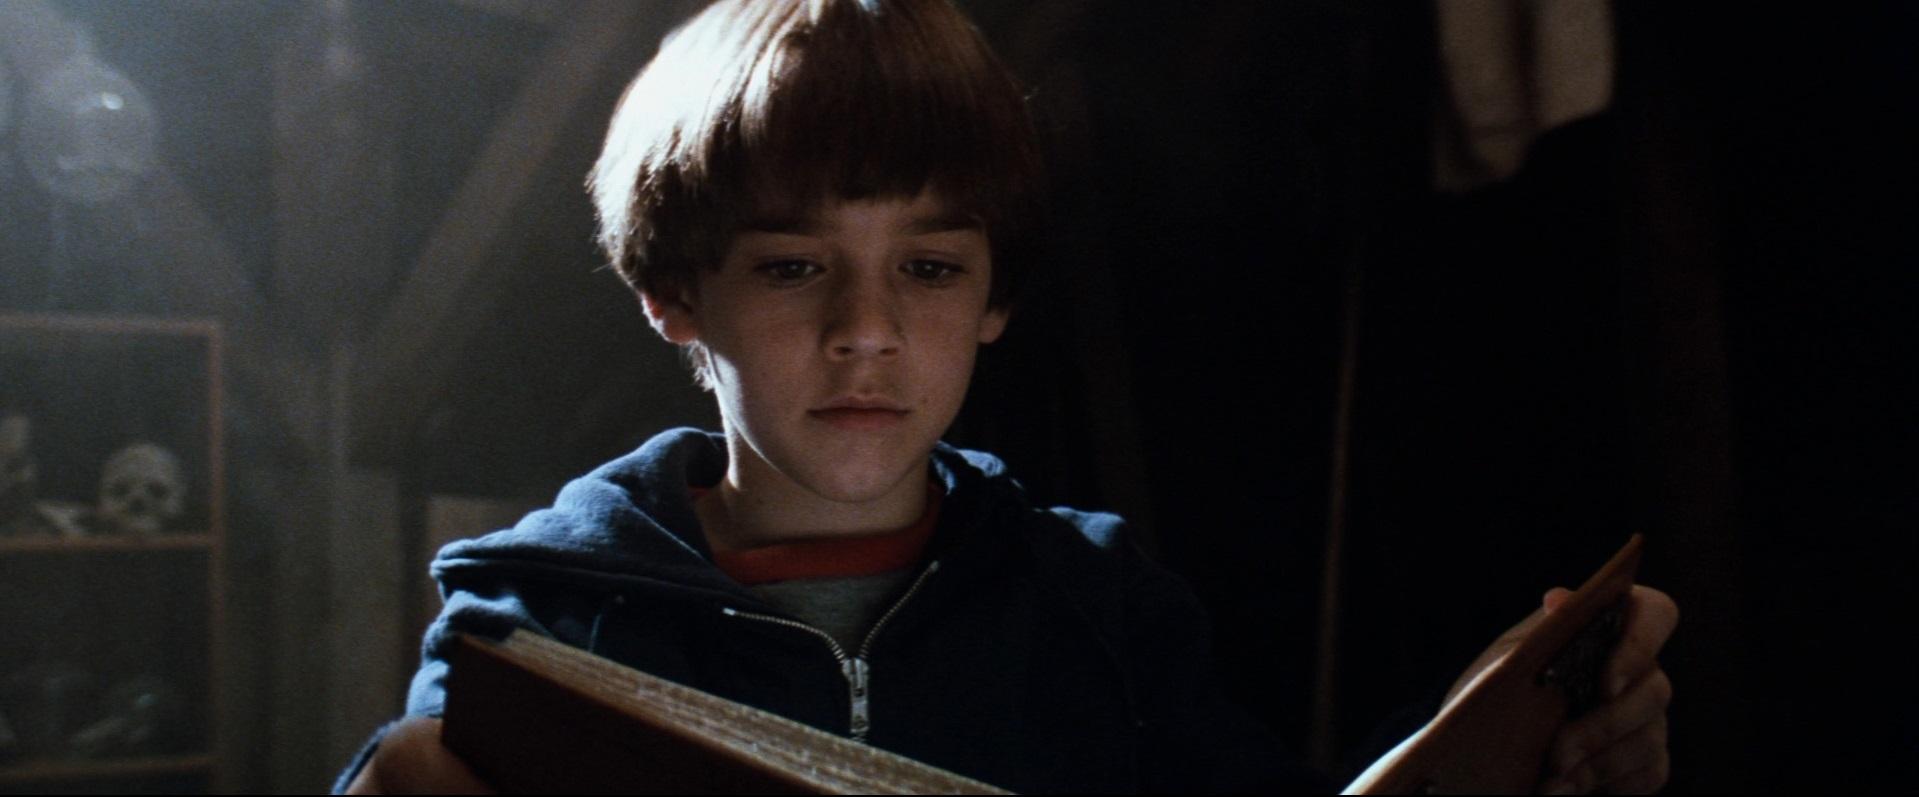 Barrett Oliver as Bastian in The NeverEnding Story (1984)